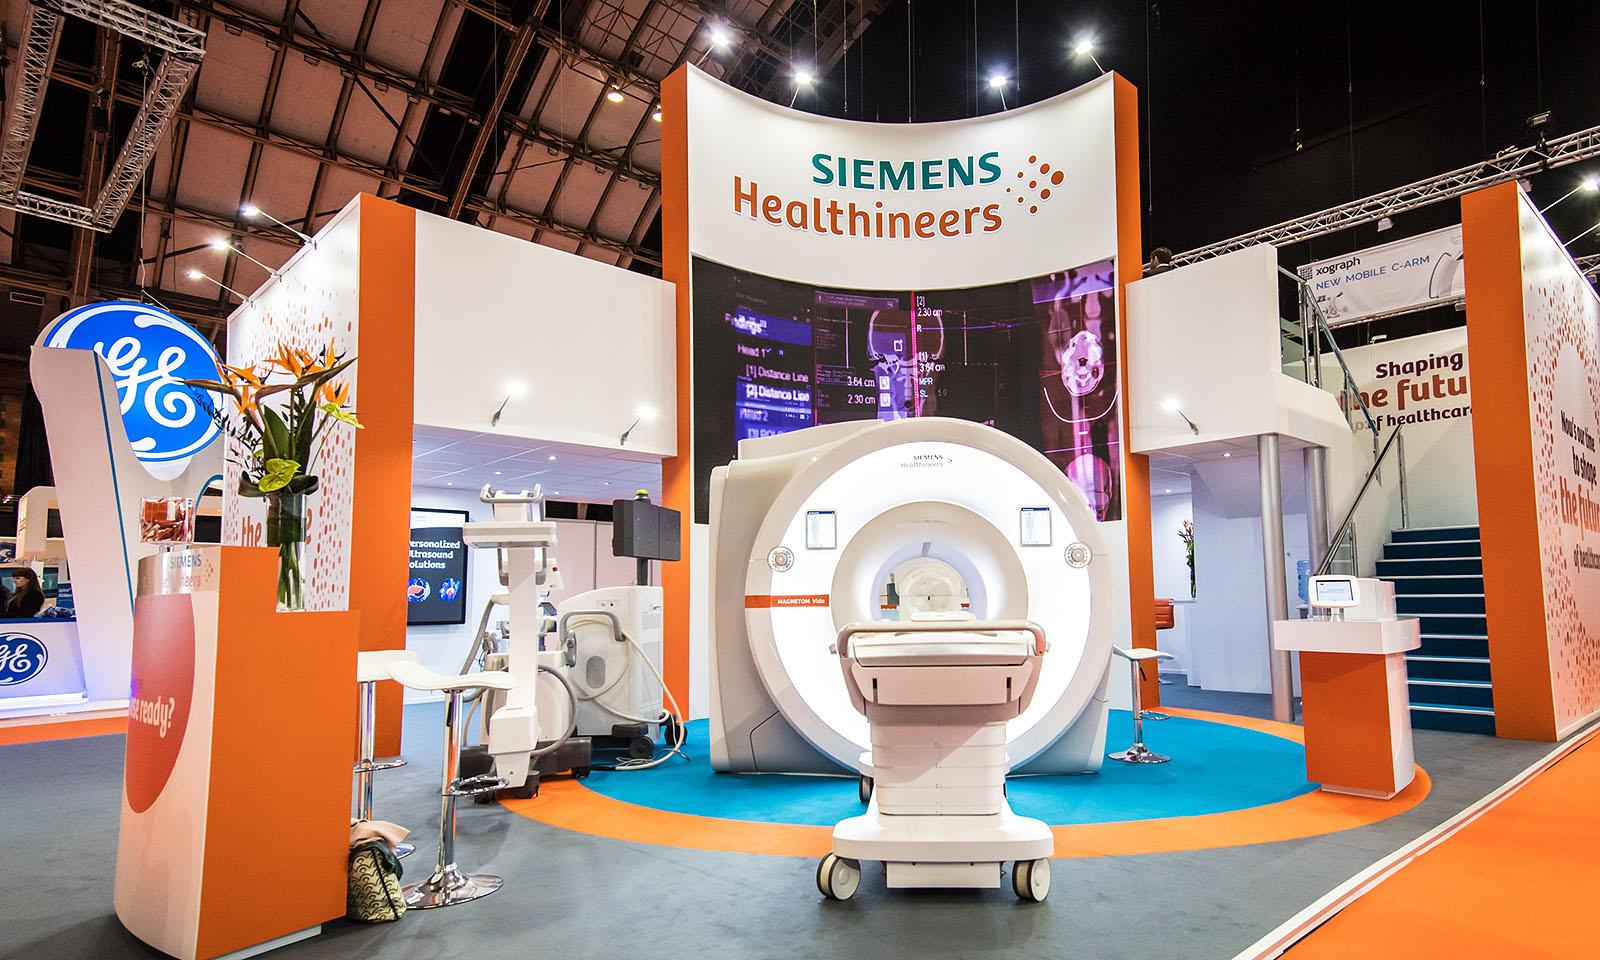 Healthineers Siemens